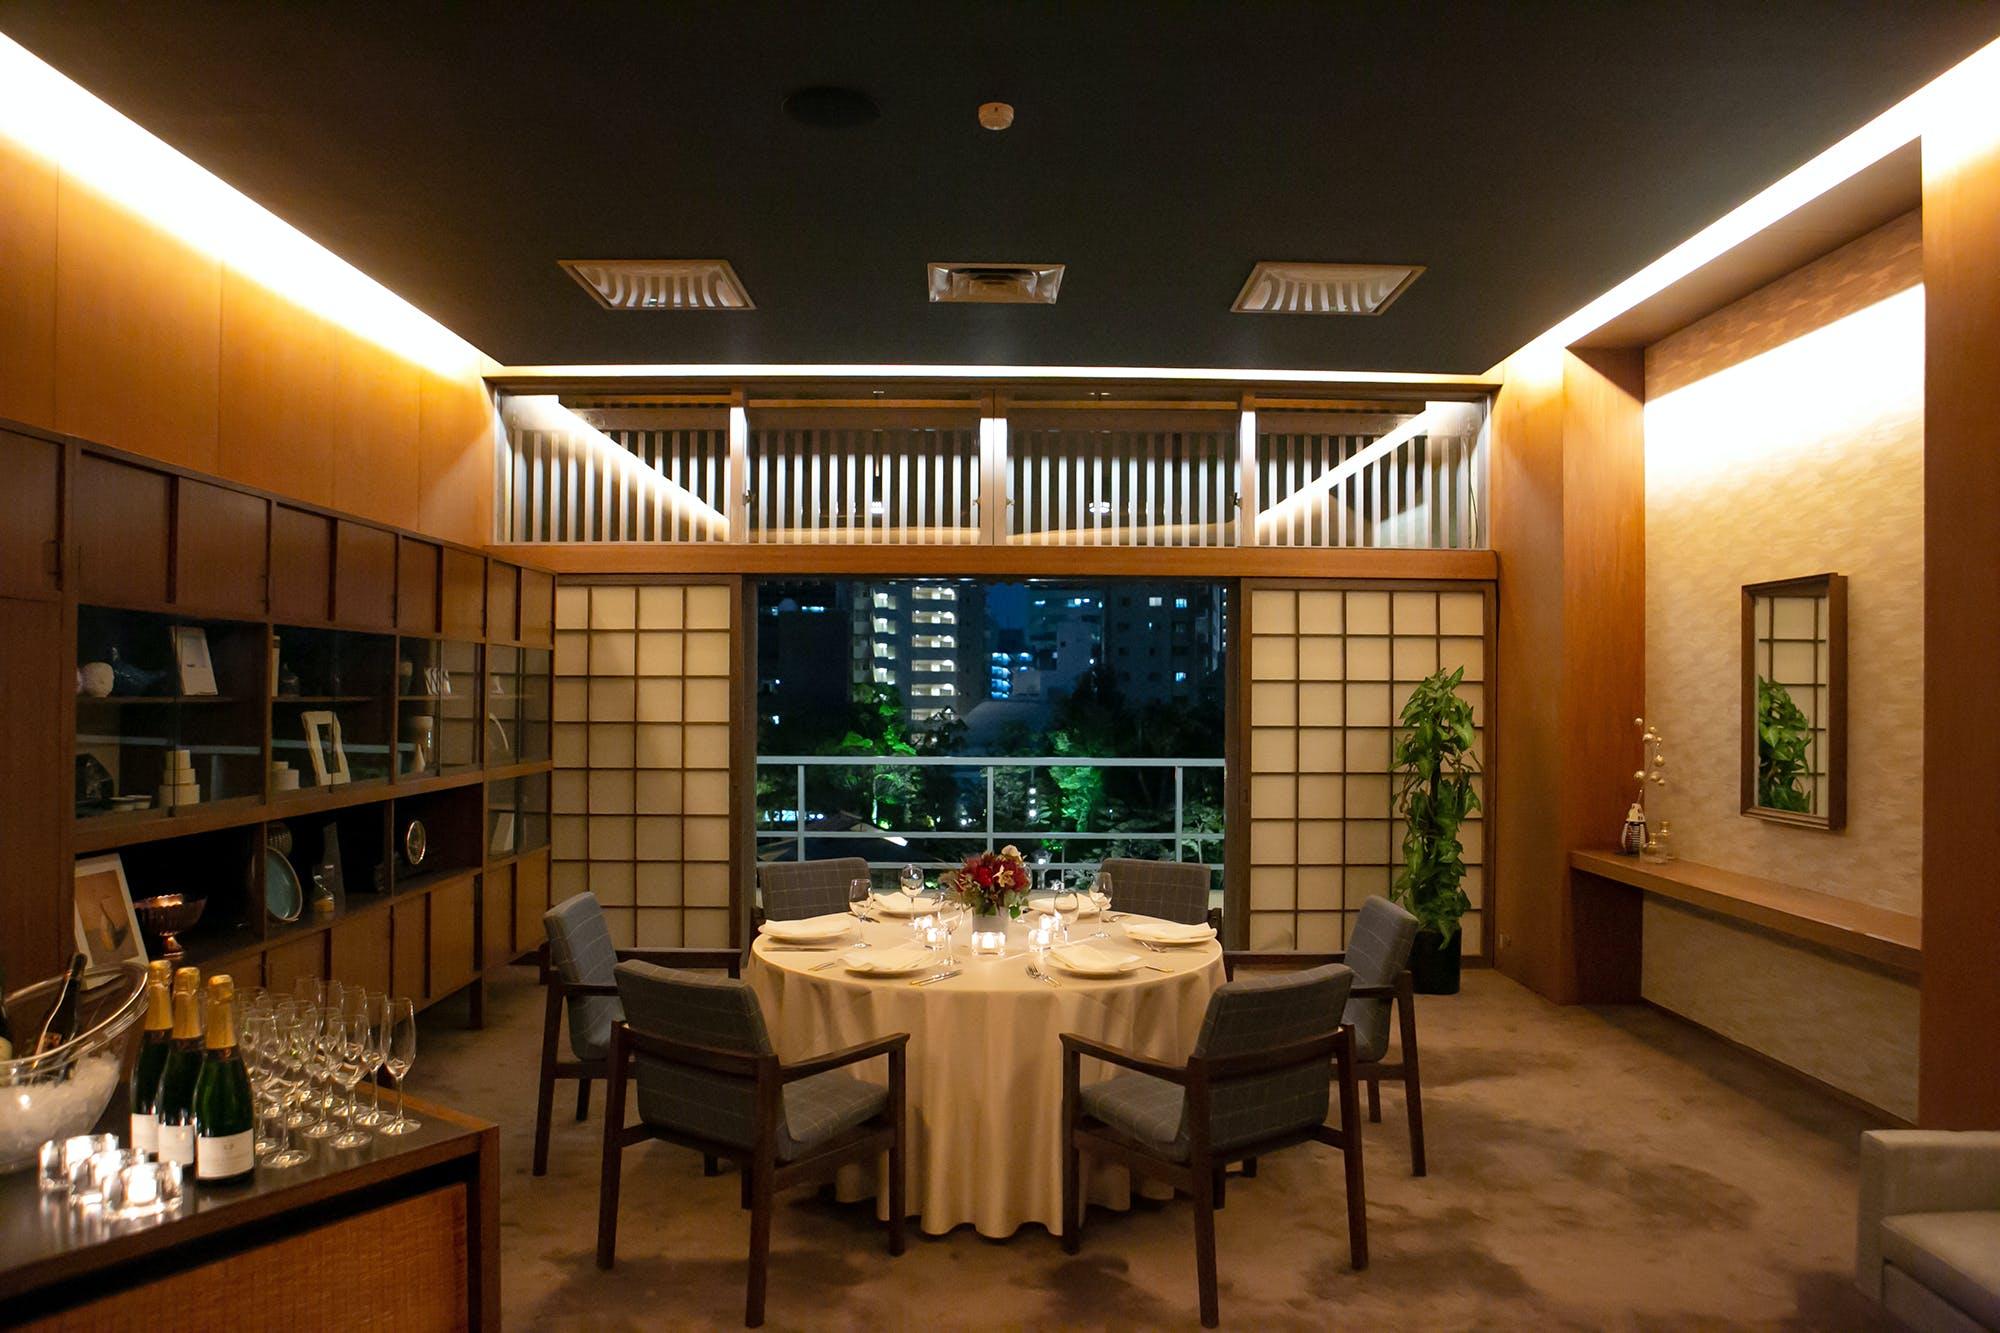 THE SORAKUEN レストラン 相楽